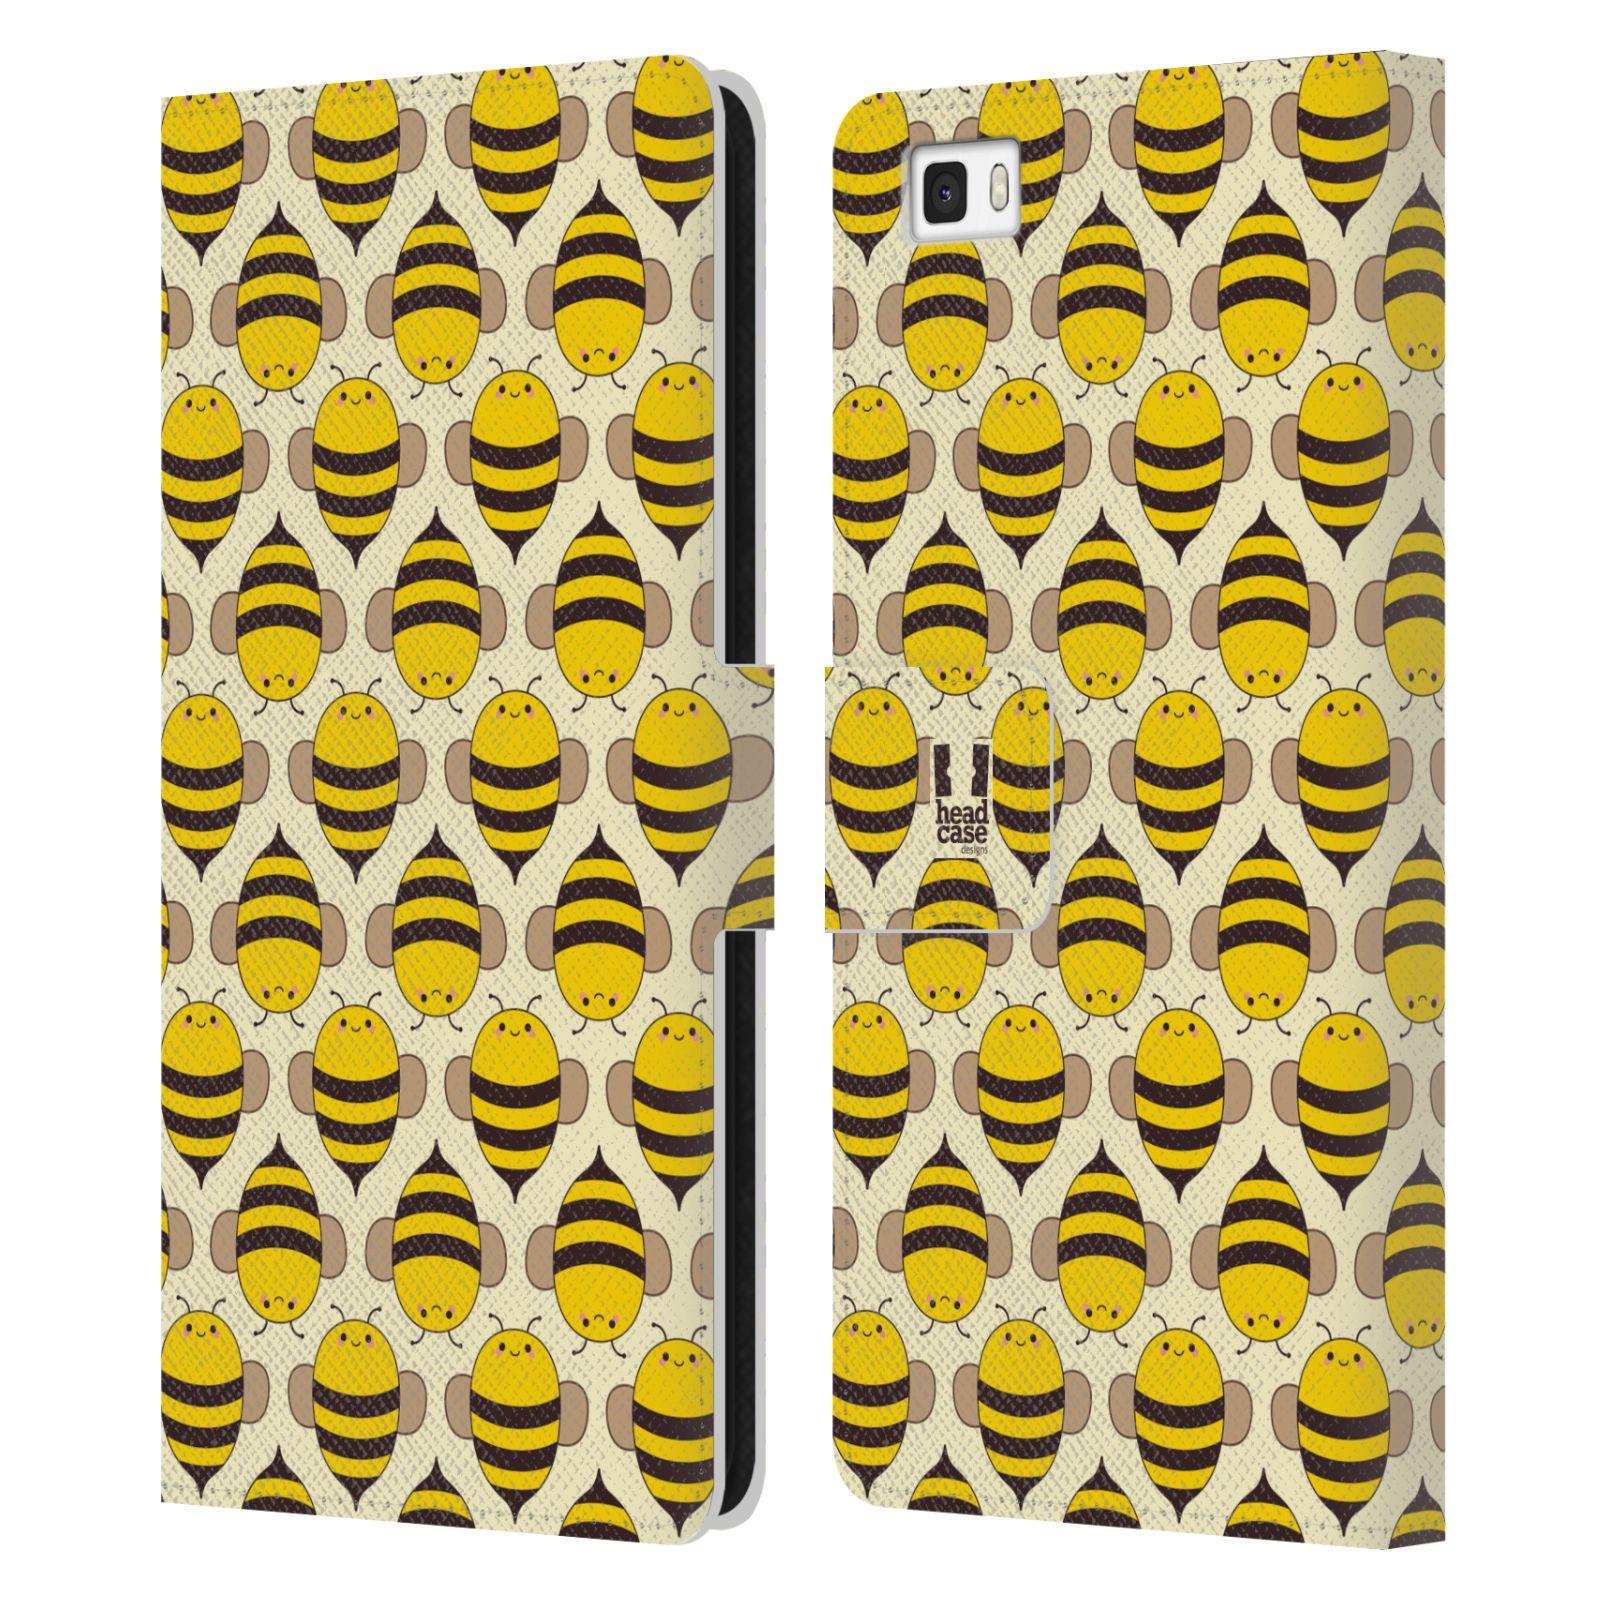 HEAD CASE Flipové pouzdro pro mobil Huawei P8 LITE VČELÍ VZOR kolonie včelek